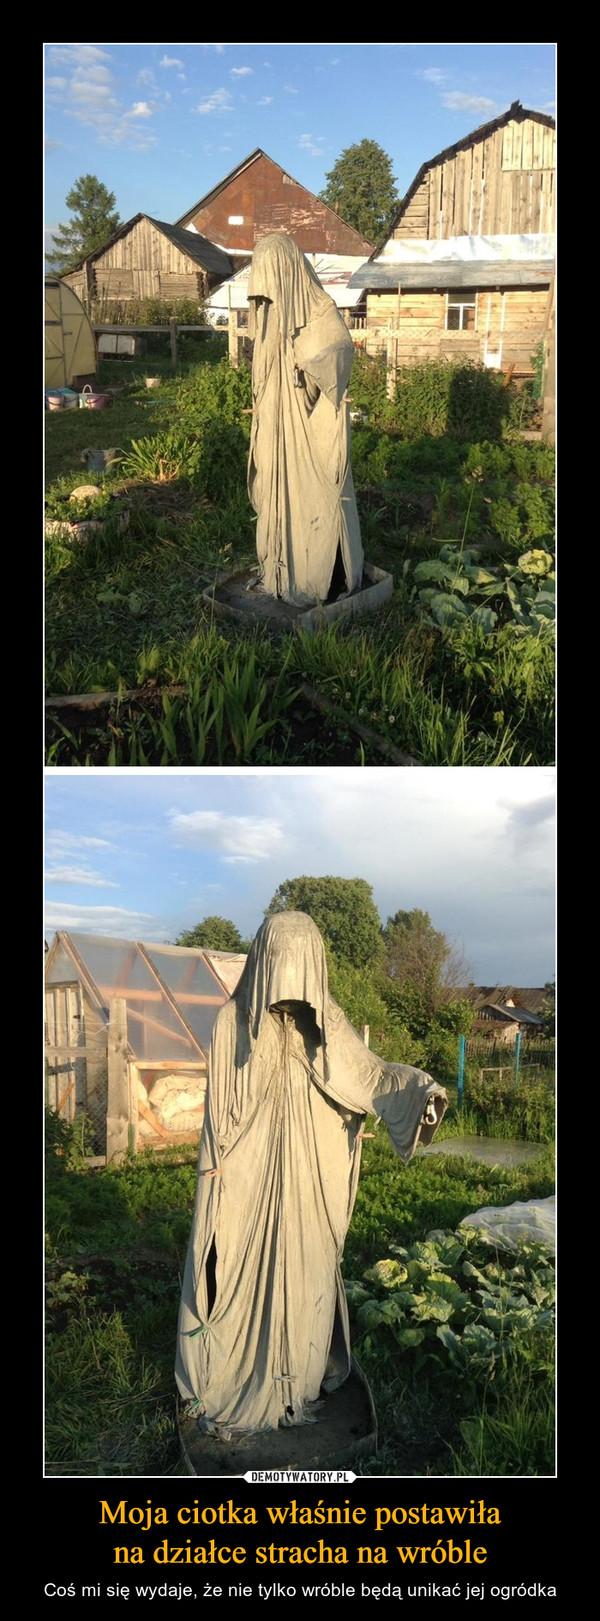 Moja ciotka właśnie postawiłana działce stracha na wróble – Coś mi się wydaje, że nie tylko wróble będą unikać jej ogródka